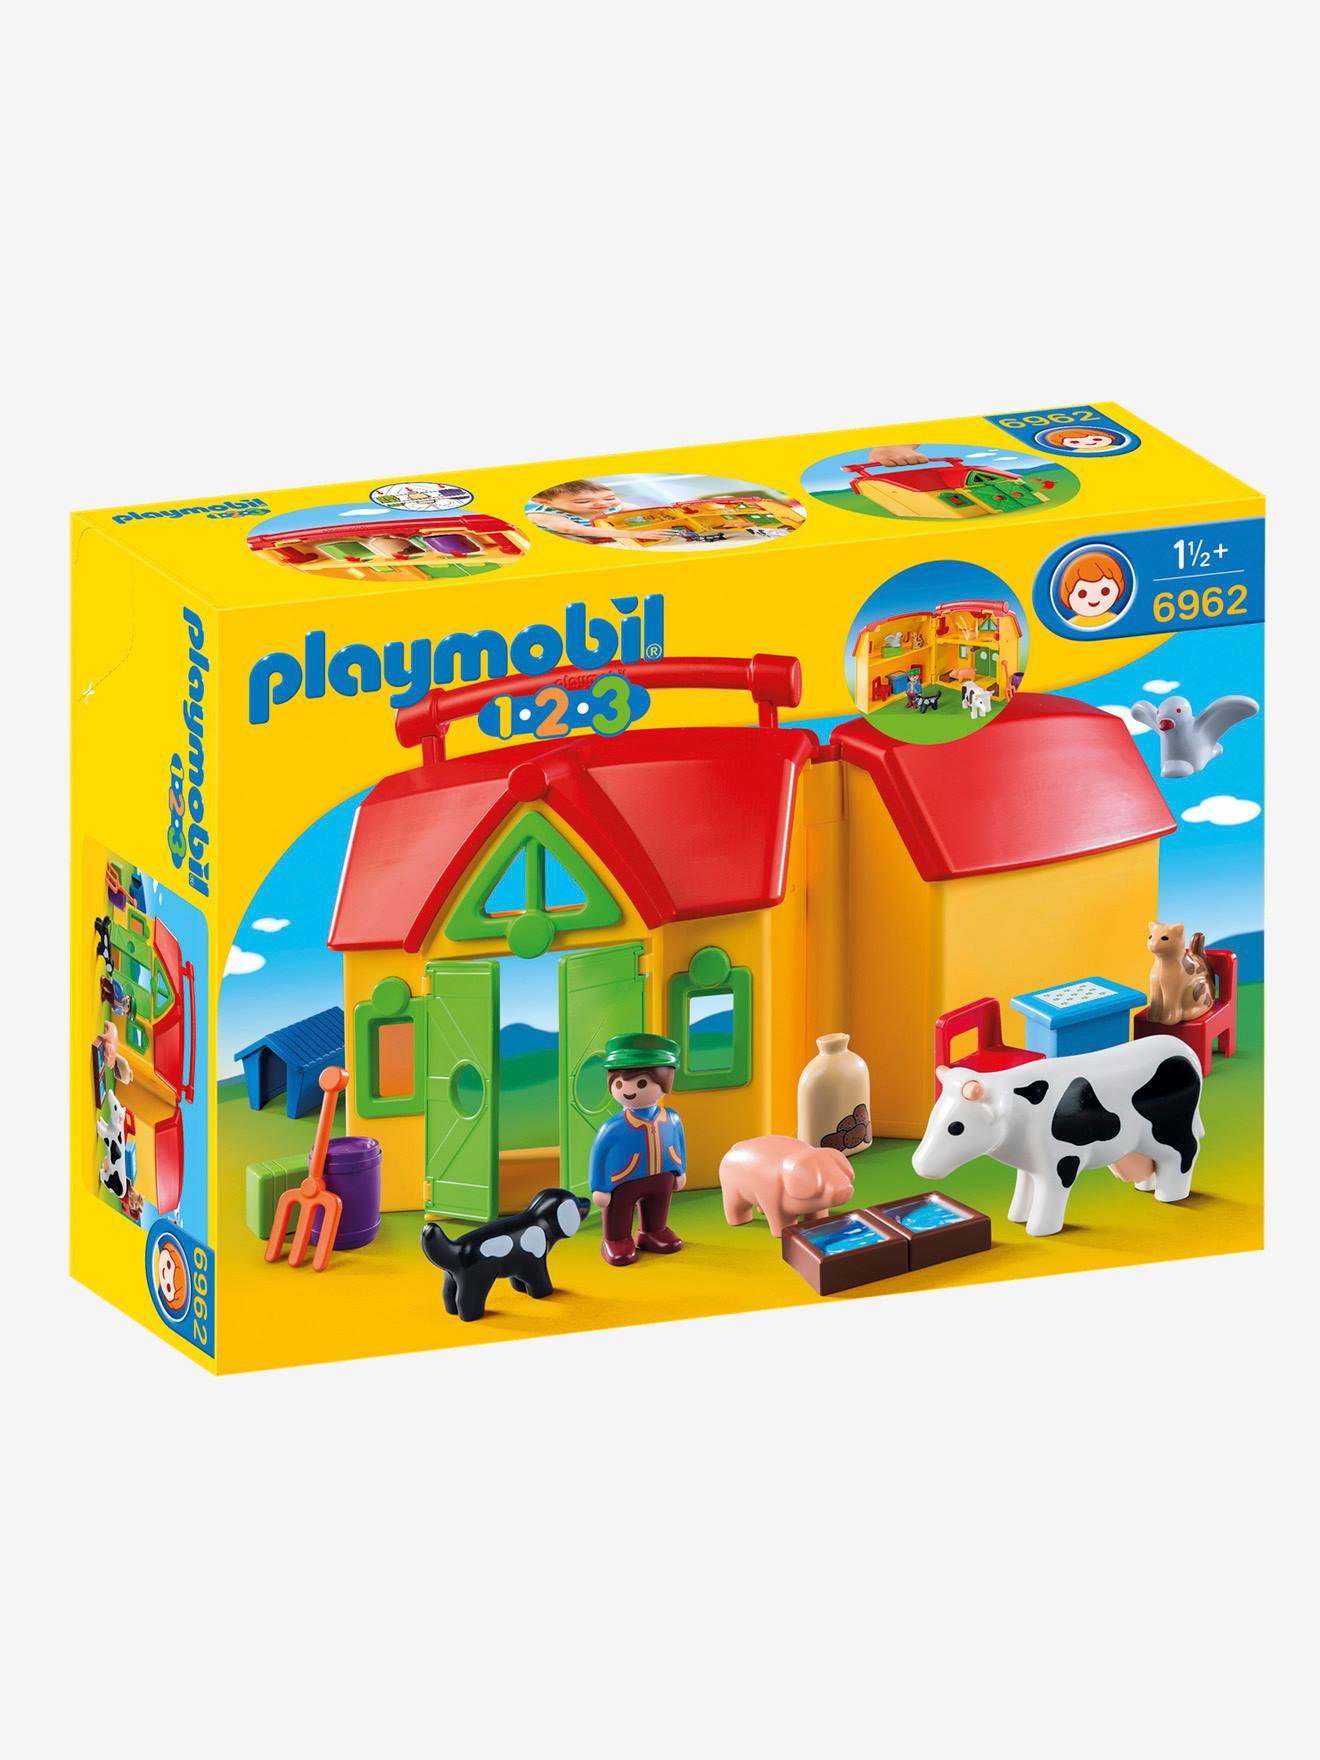 La ferme transportable avec animaux est adaptee a l'enfant de 18 a 36 mois avec des jeux de formes, des animaux et une grange. Elle sert a la fois de decor et de boite de rangement. CONTIENT : 1 personnage, des animaux (chat, chien, oiseau, cochon et vach